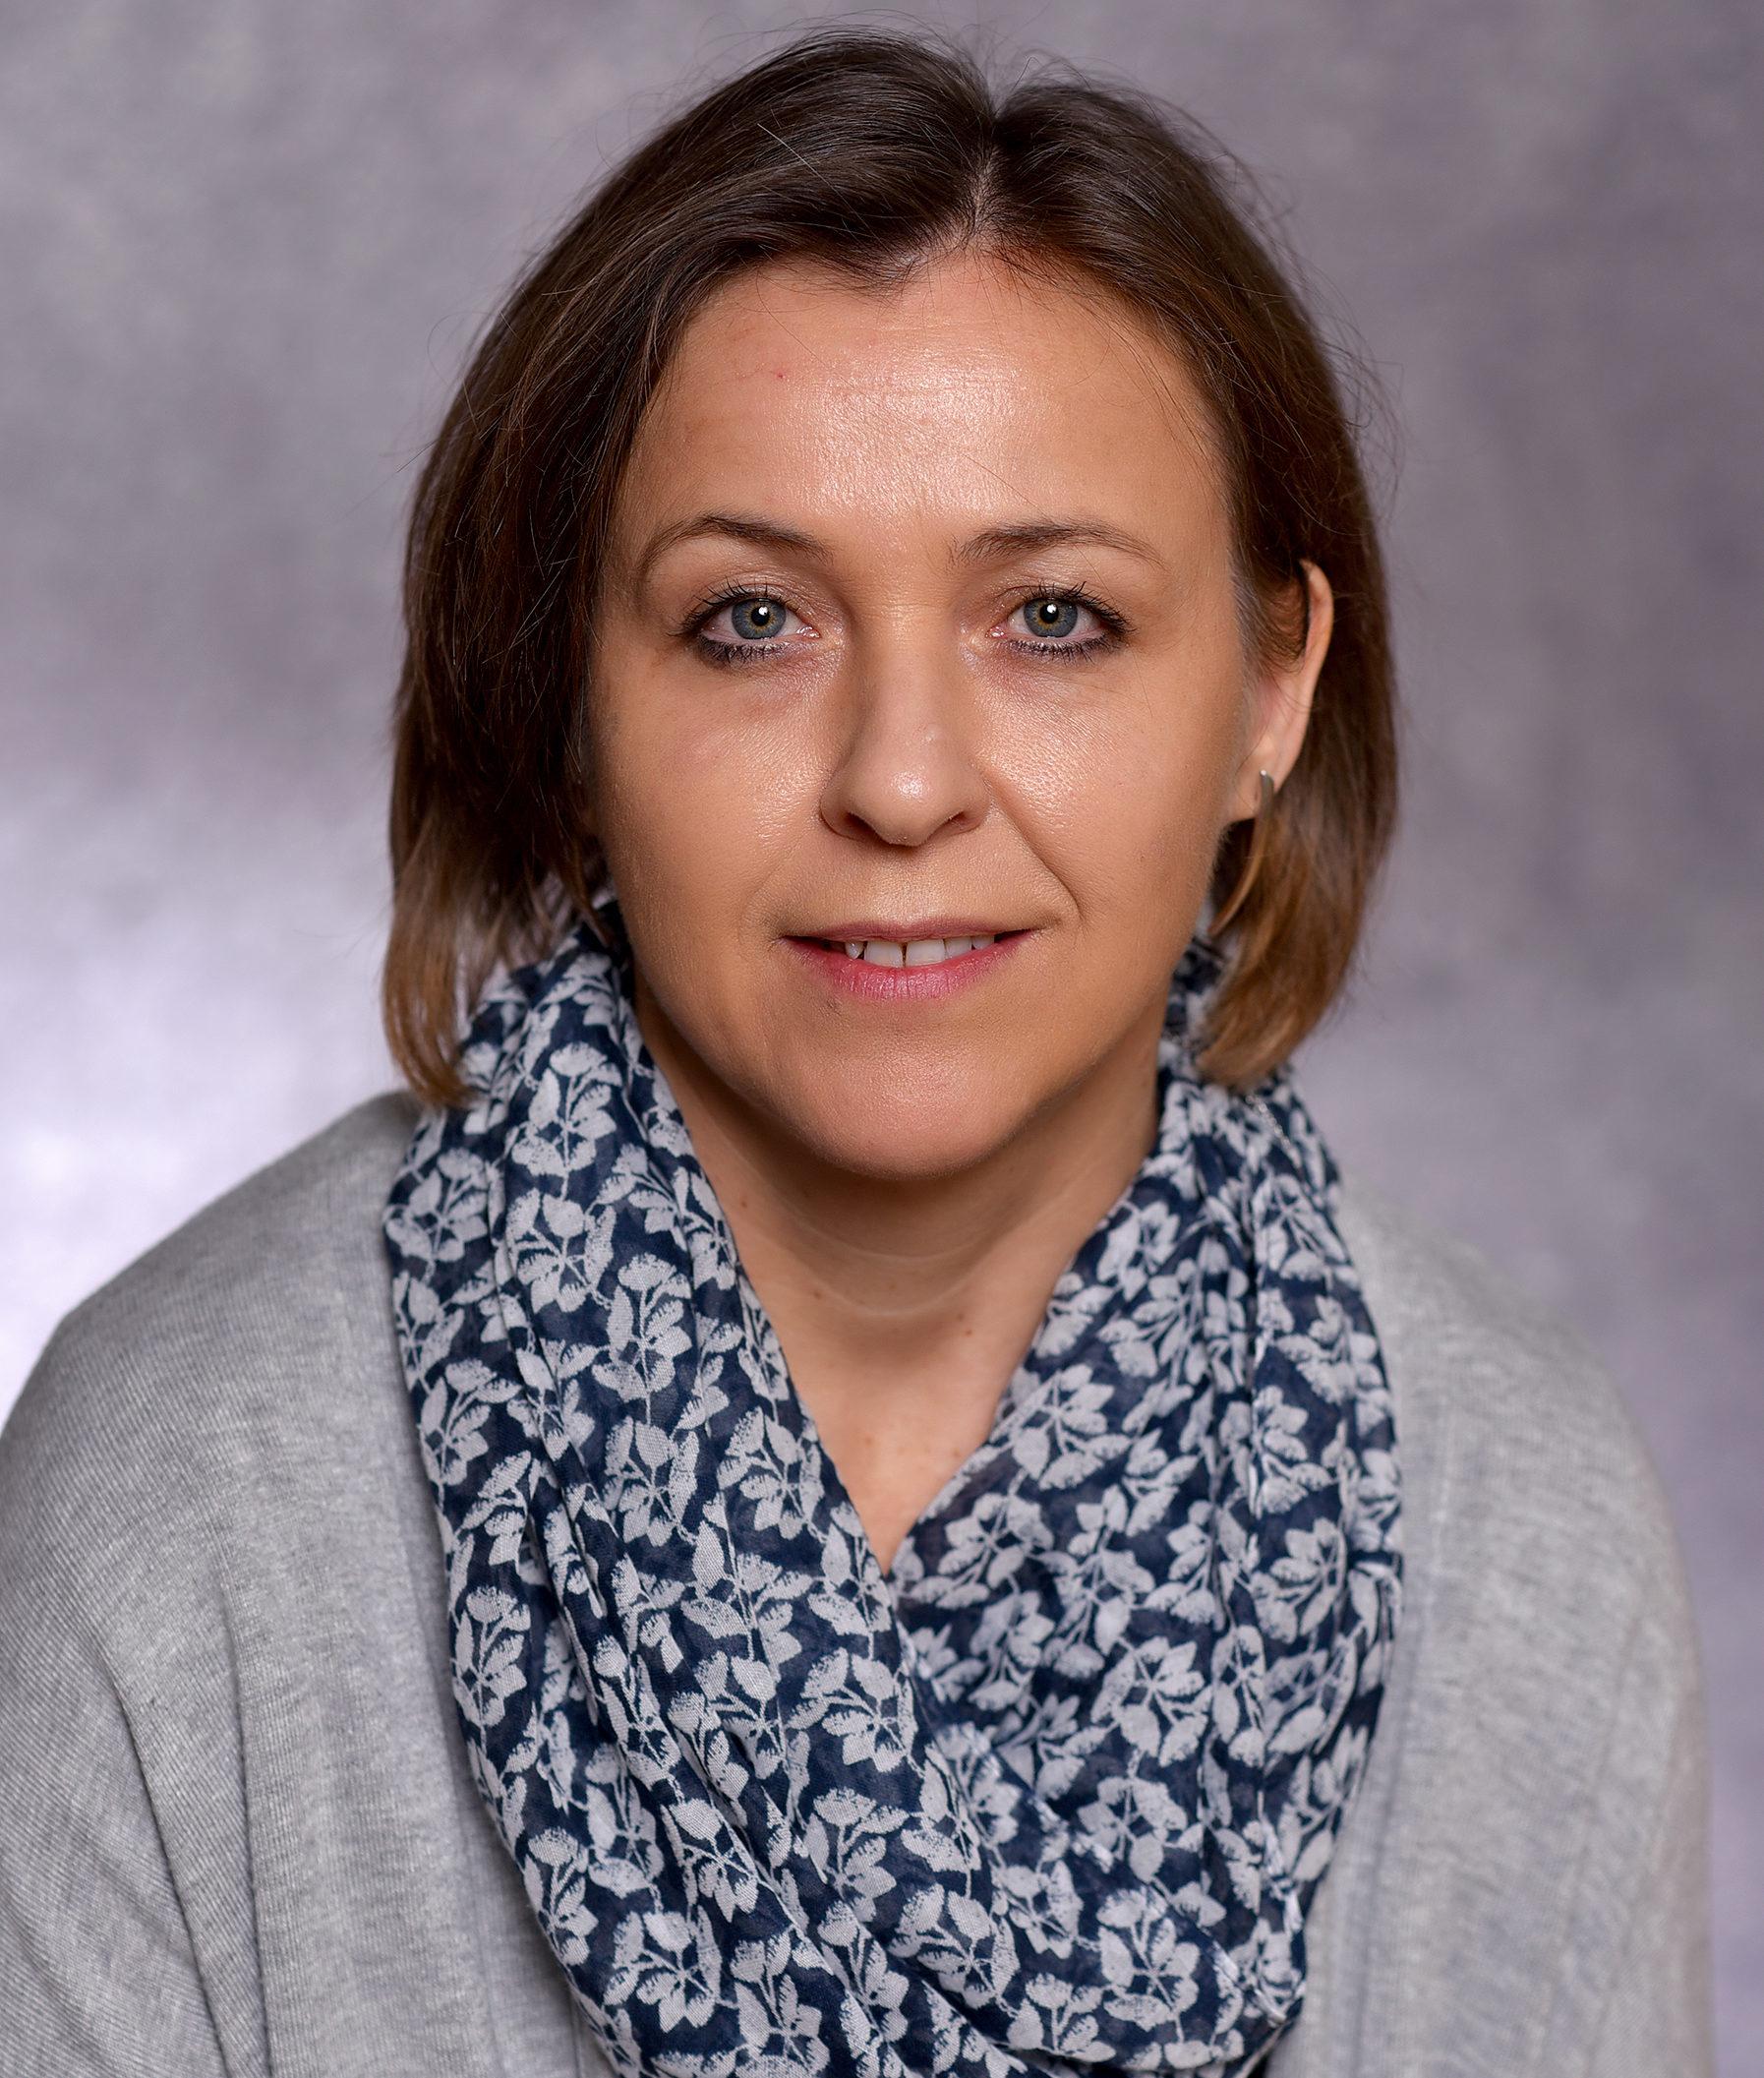 Eva Putz